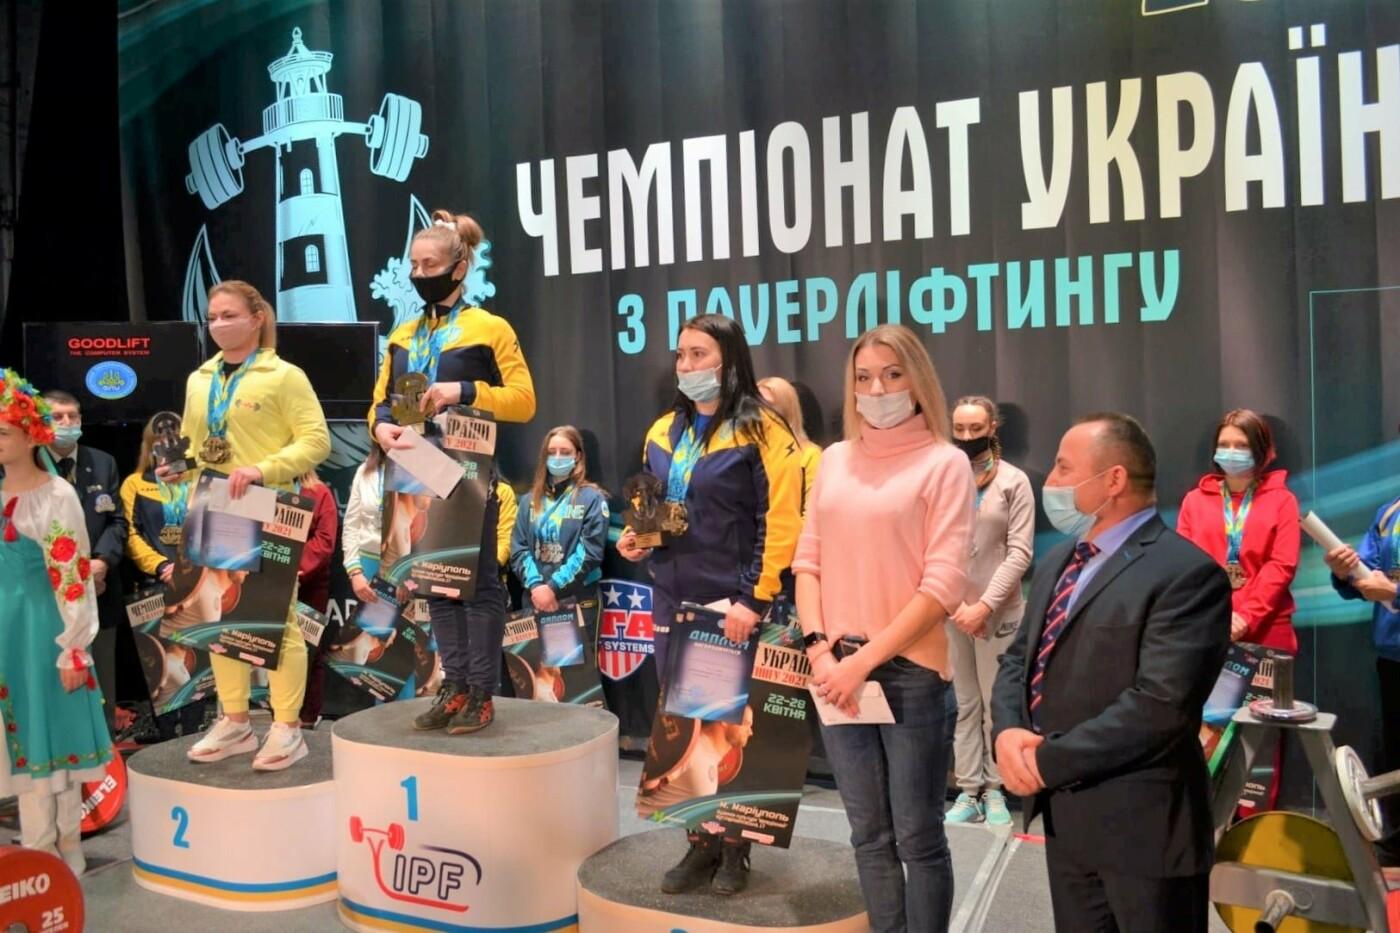 Студенти кам'янецького вишу підкорюють в Маріуполі чемпіонат з пауерліфтингу , фото-1, Фото: Кам'янець-Подільська міська рада